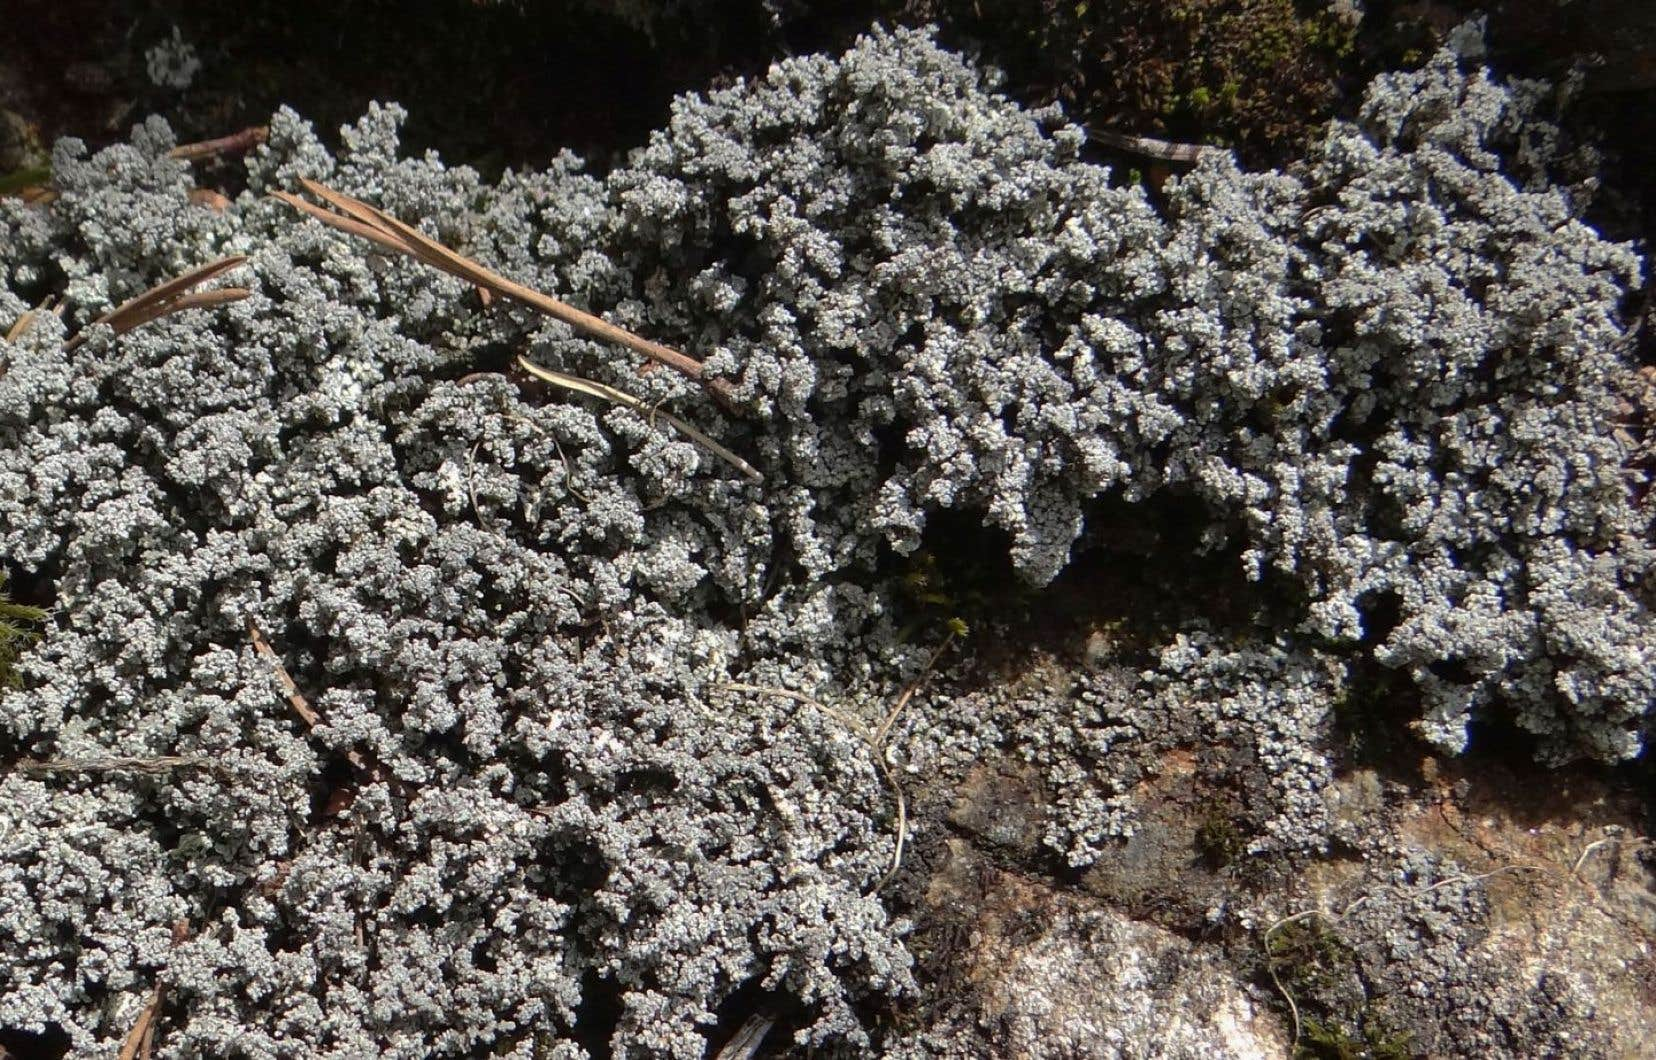 Le lichen en question, appelé «Stereocaulon paschale», se trouve dans les régions subarctiques et arctiques, mais aussi sur certains hauts sommets en Gaspésie et dans Charlevoix.